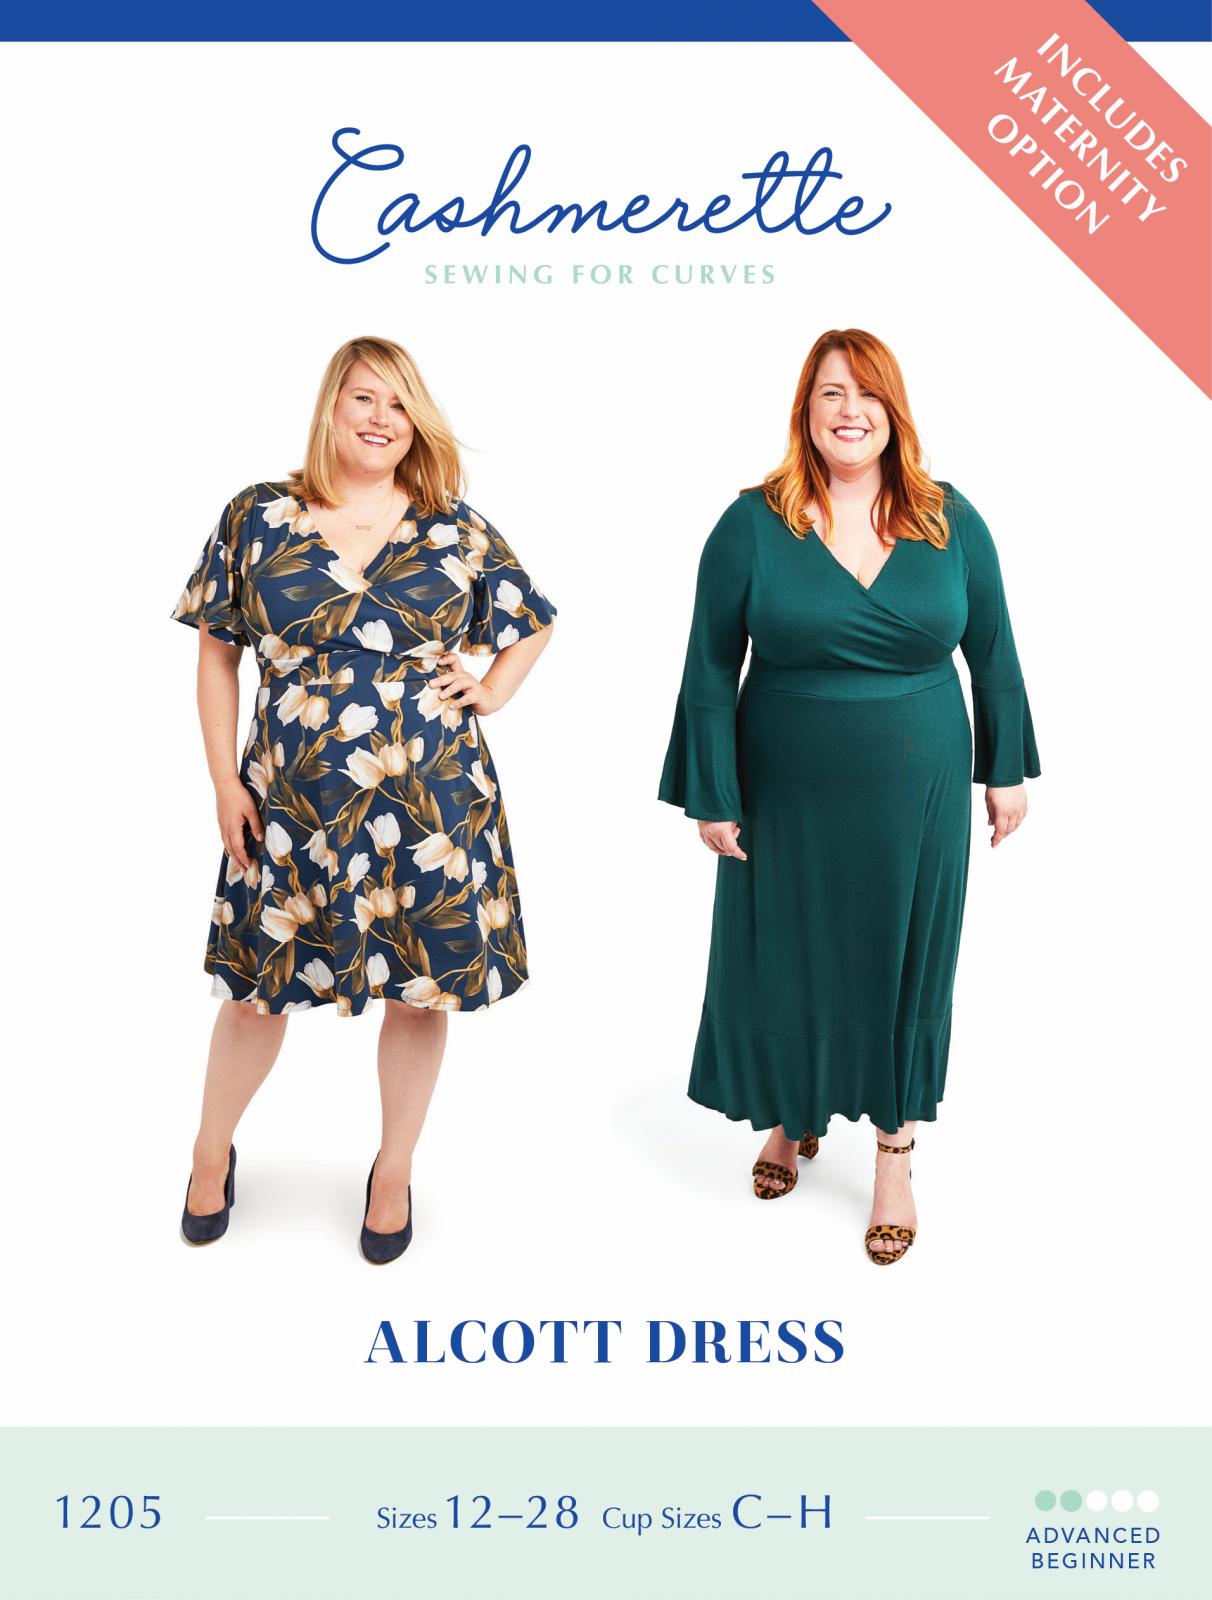 Alcott Dress - Cashmerette